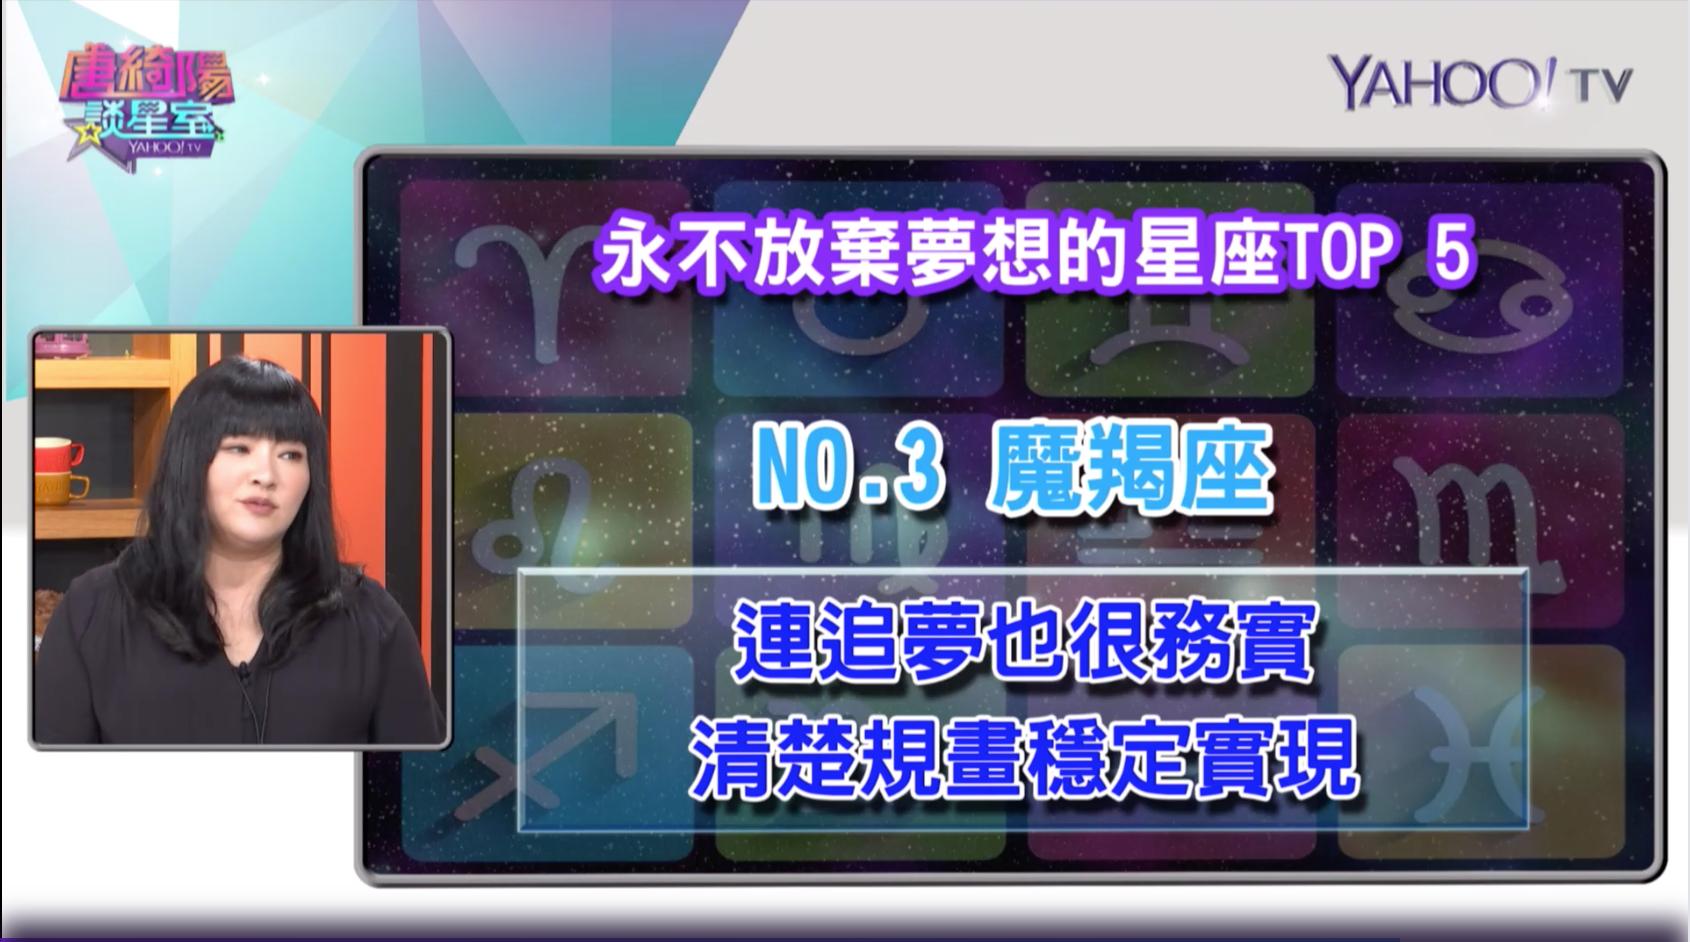 王瞳和艾成勇敢作夢不怕被當北七 【Live】十二星座誰夢最大?